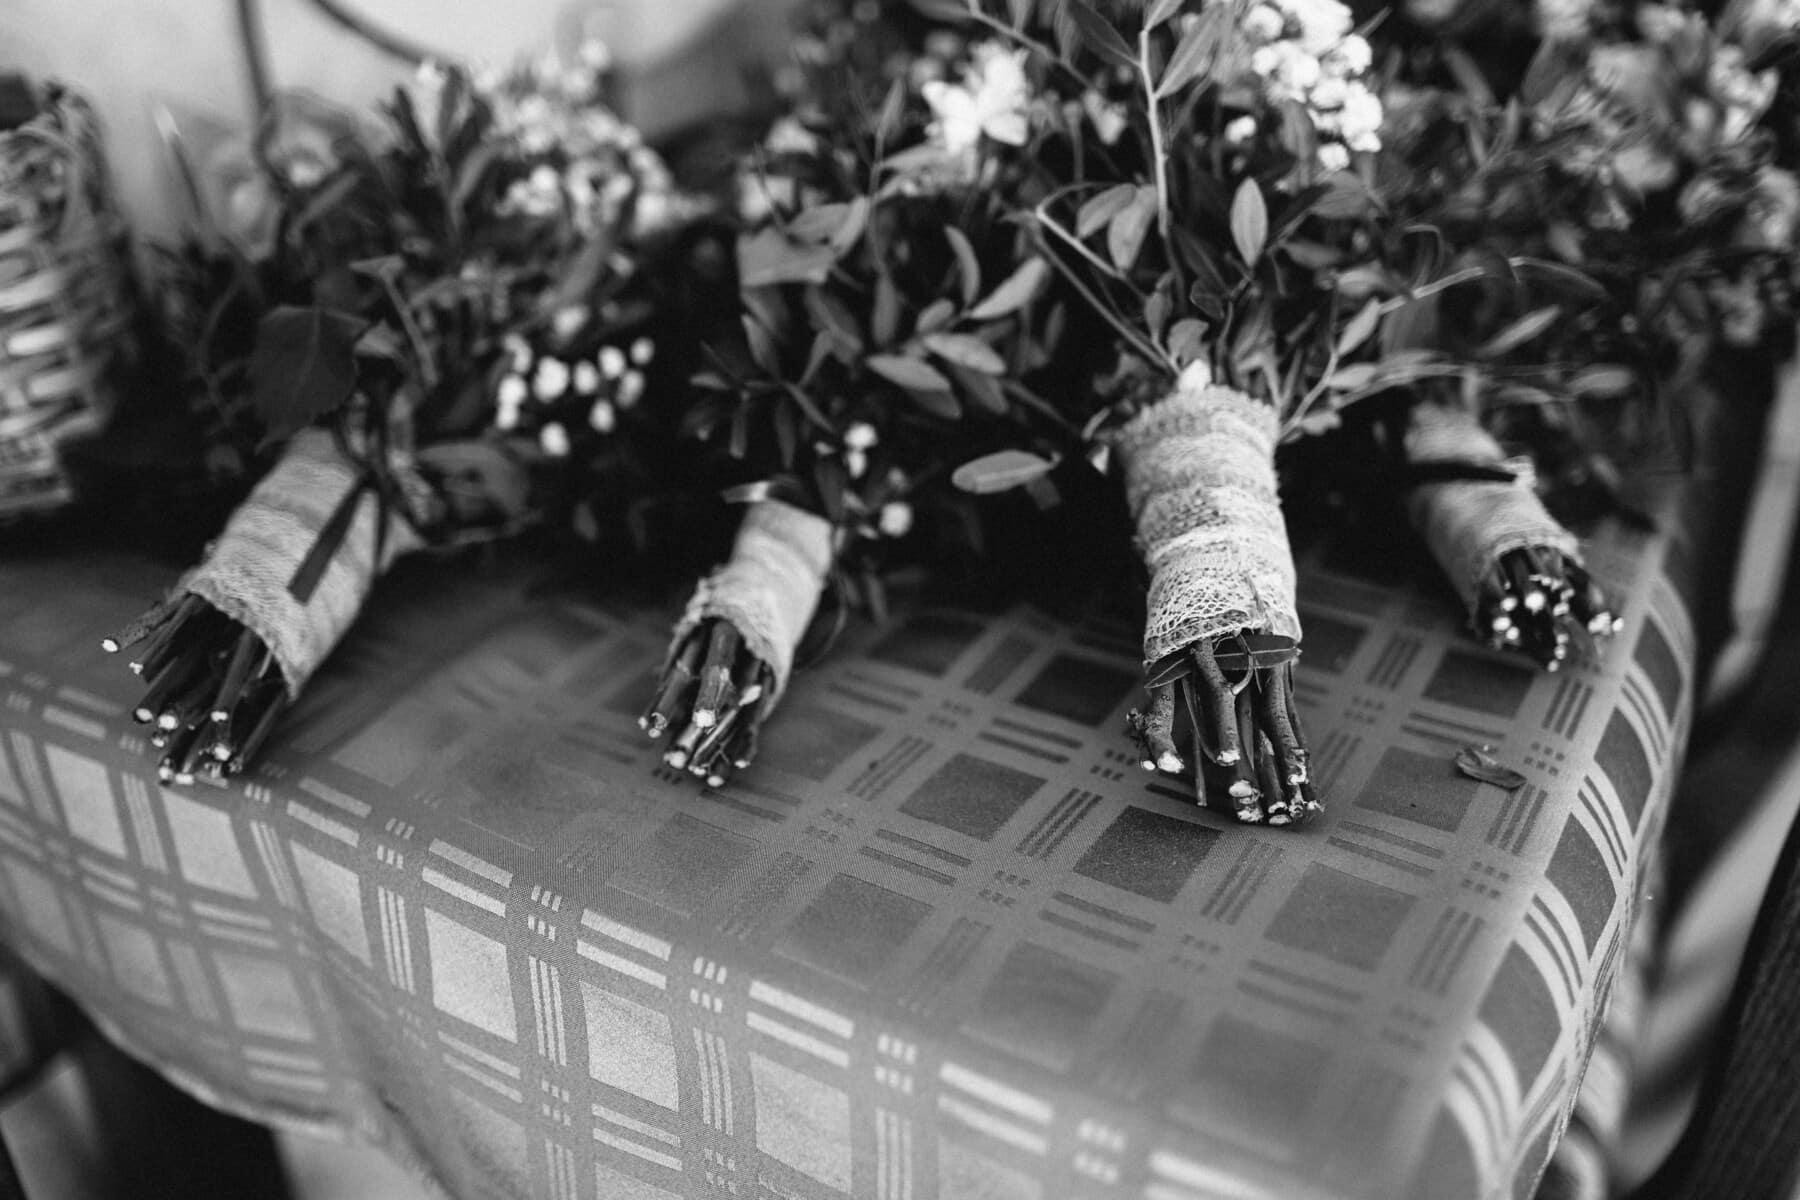 schwarz und weiß, Blumenstrauß, Tabelle, Jahrgang, Tischdecke, Monochrom, Möbel, verwischen, Blume, Dekoration